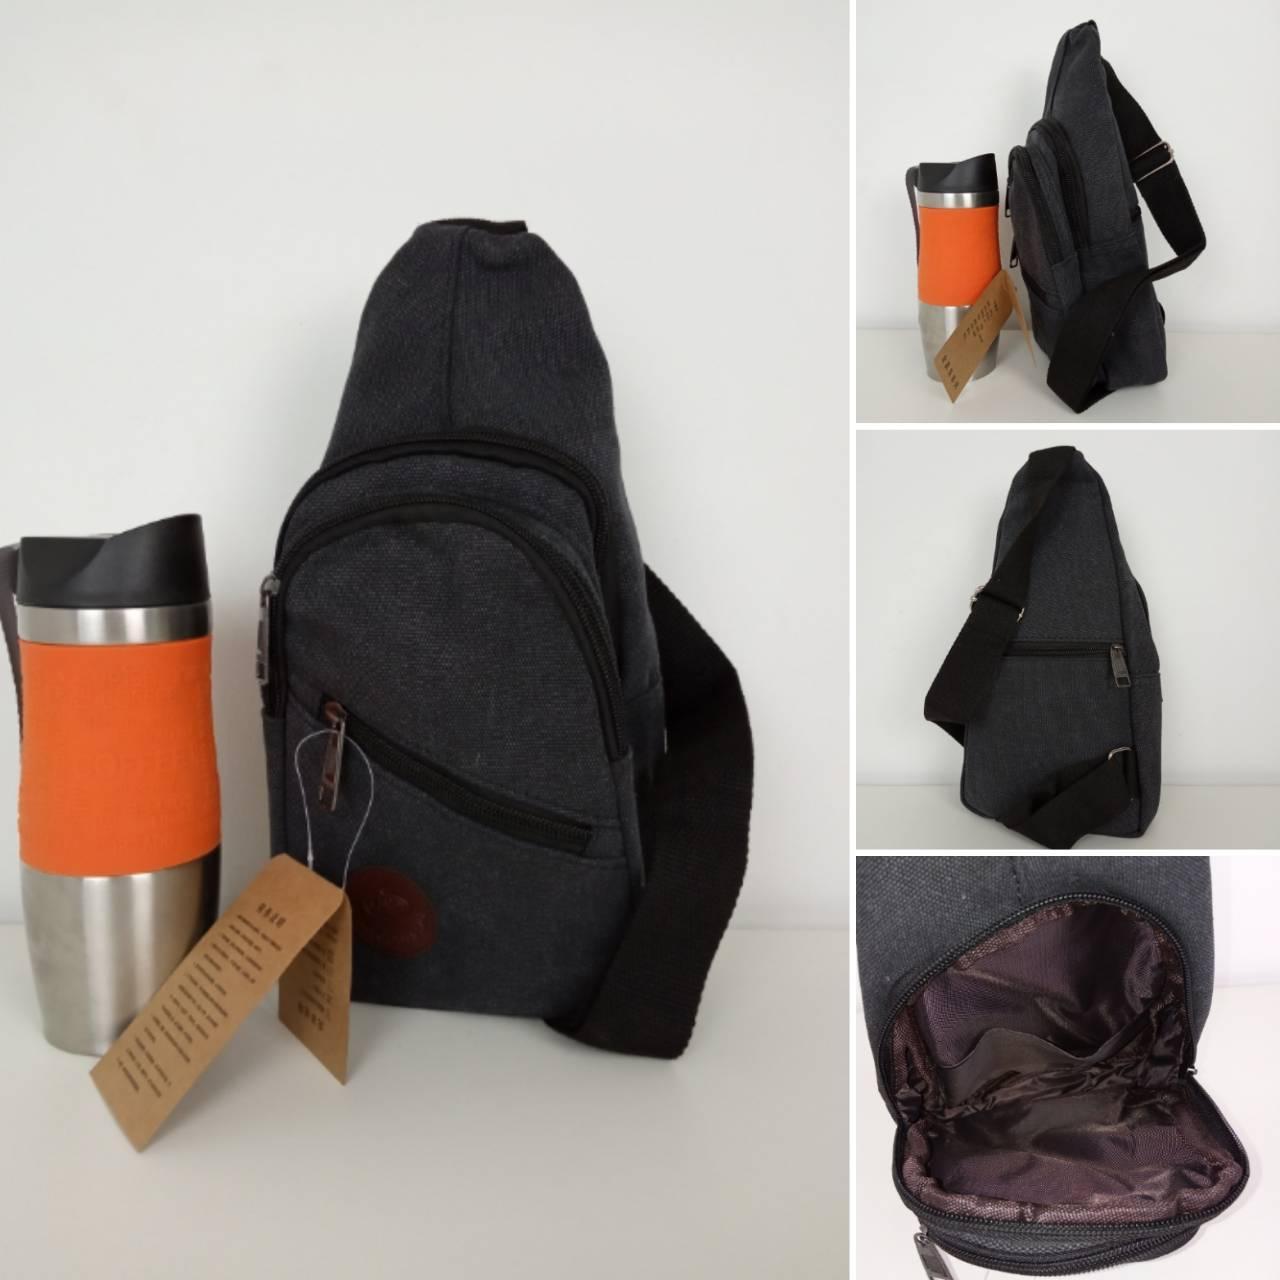 Мужской текстильный рюкзак слинг 31*18*10 см